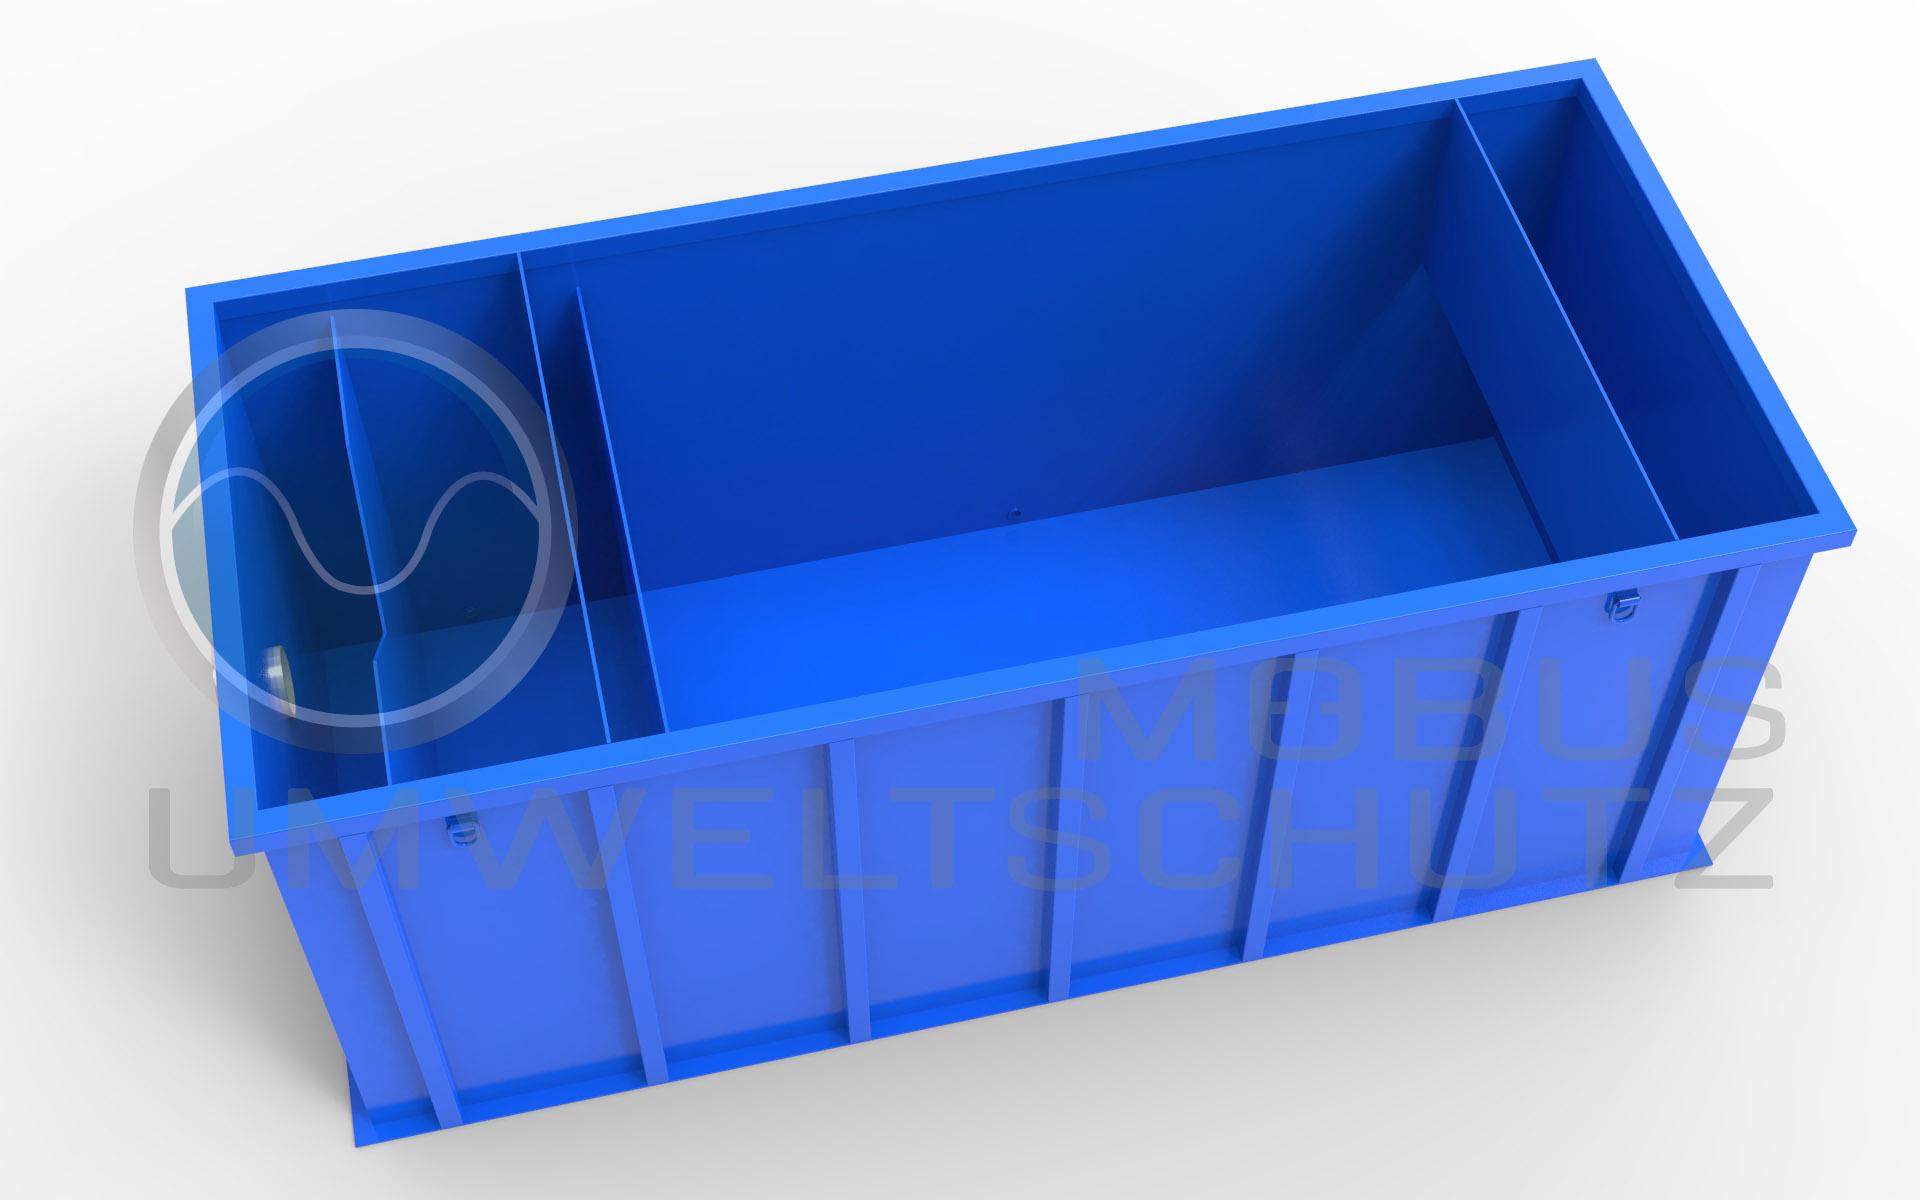 Neutralisationsbecken oder Sedimentationsbecken 4.500T mit Thomsonwehr zur Bestimmung der Duchflussmenge